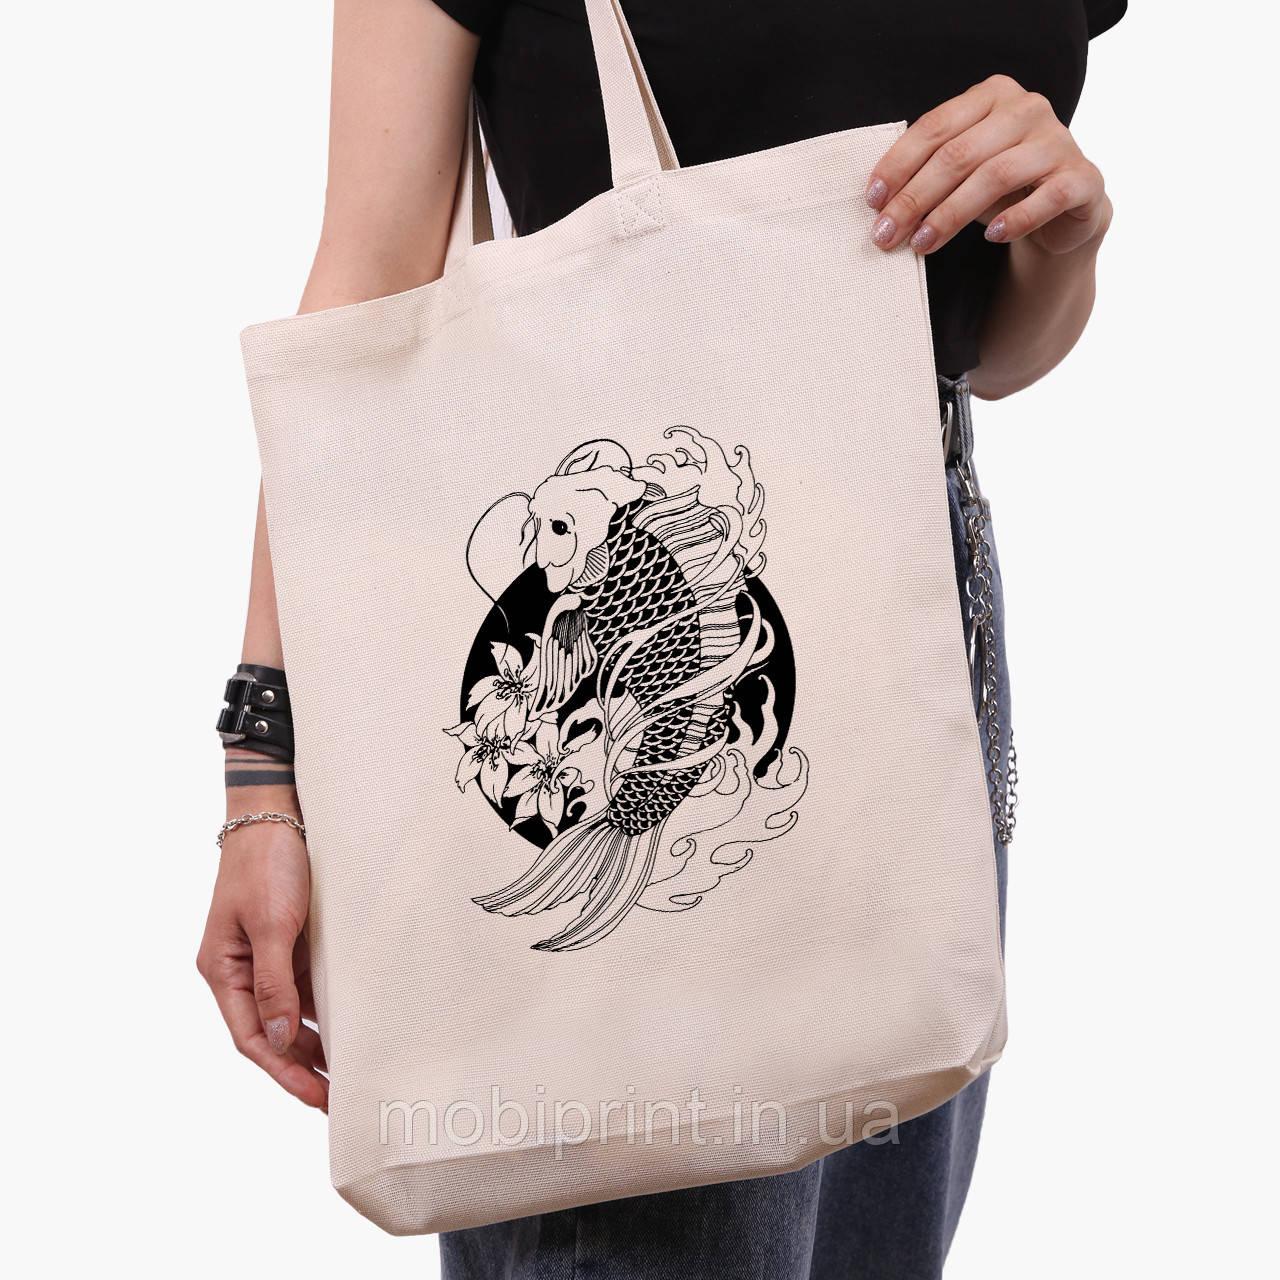 Эко сумка шоппер белая Рыбка Кои (Koi Fish) (9227-2858-1)  41*39*8 см